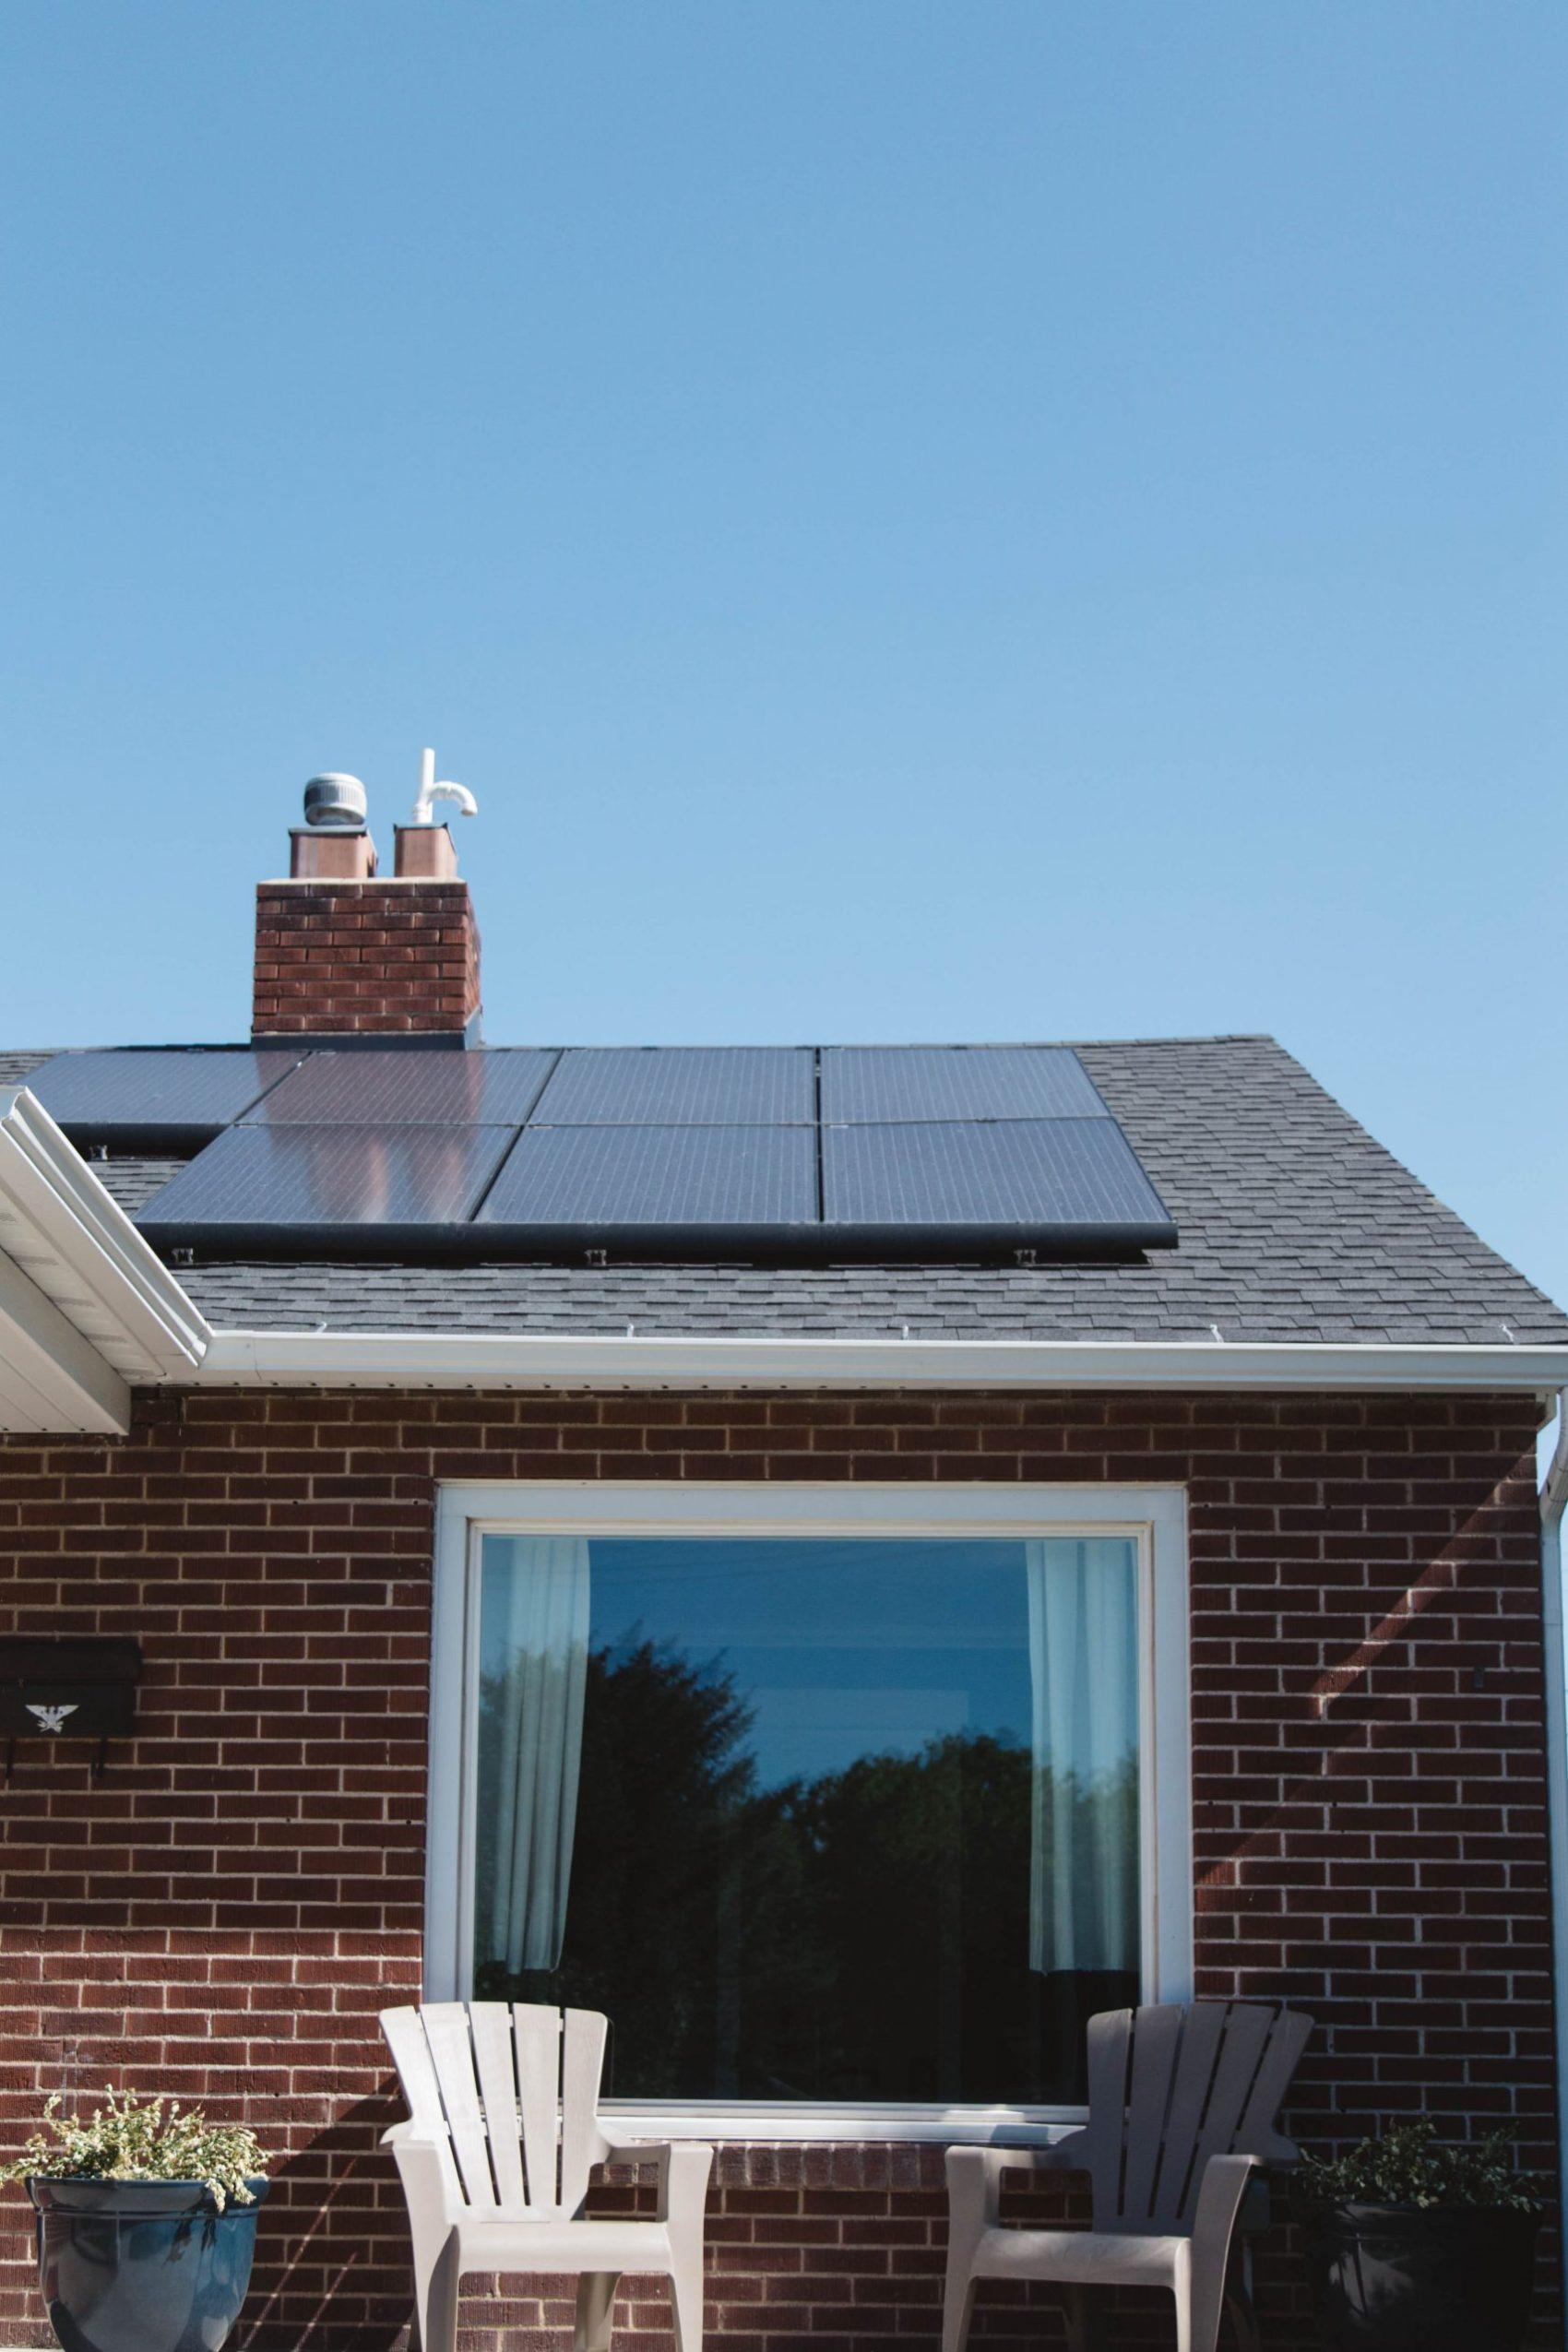 RELEASE: Utah PSC Deals Blow to Rooftop Solar